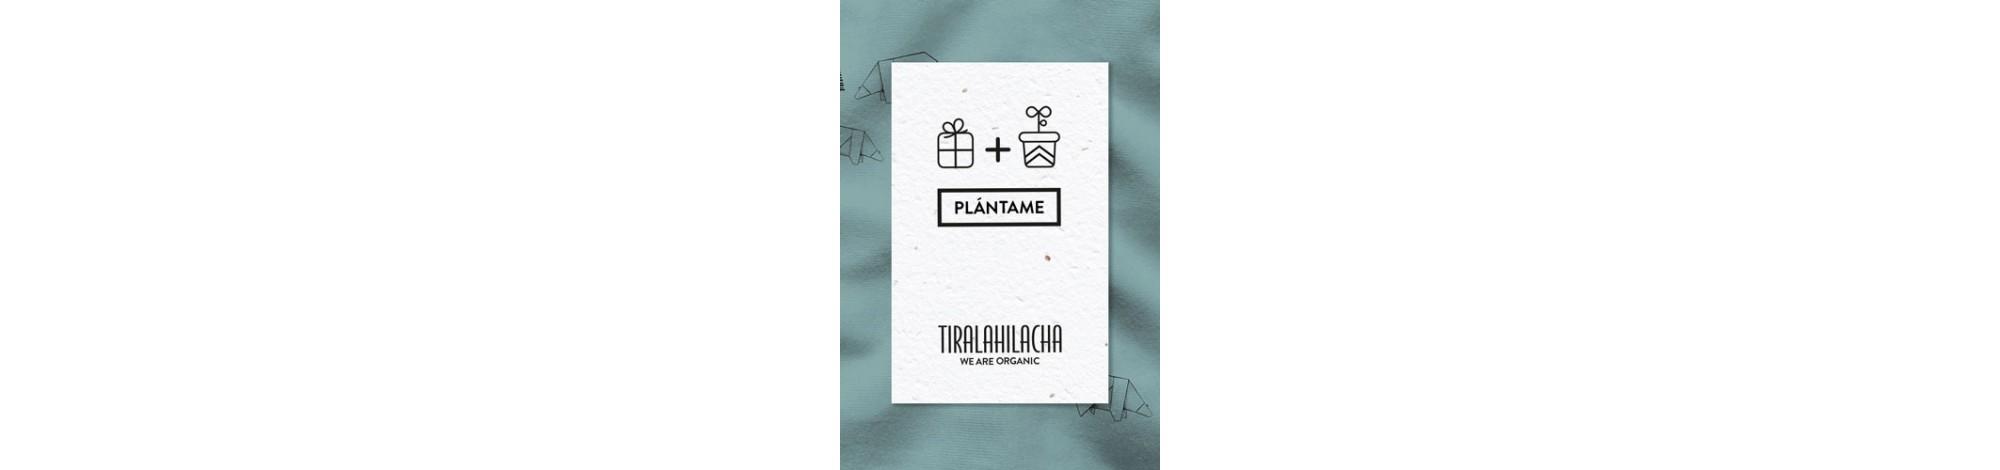 Tarjeta regalo de usar y plantar